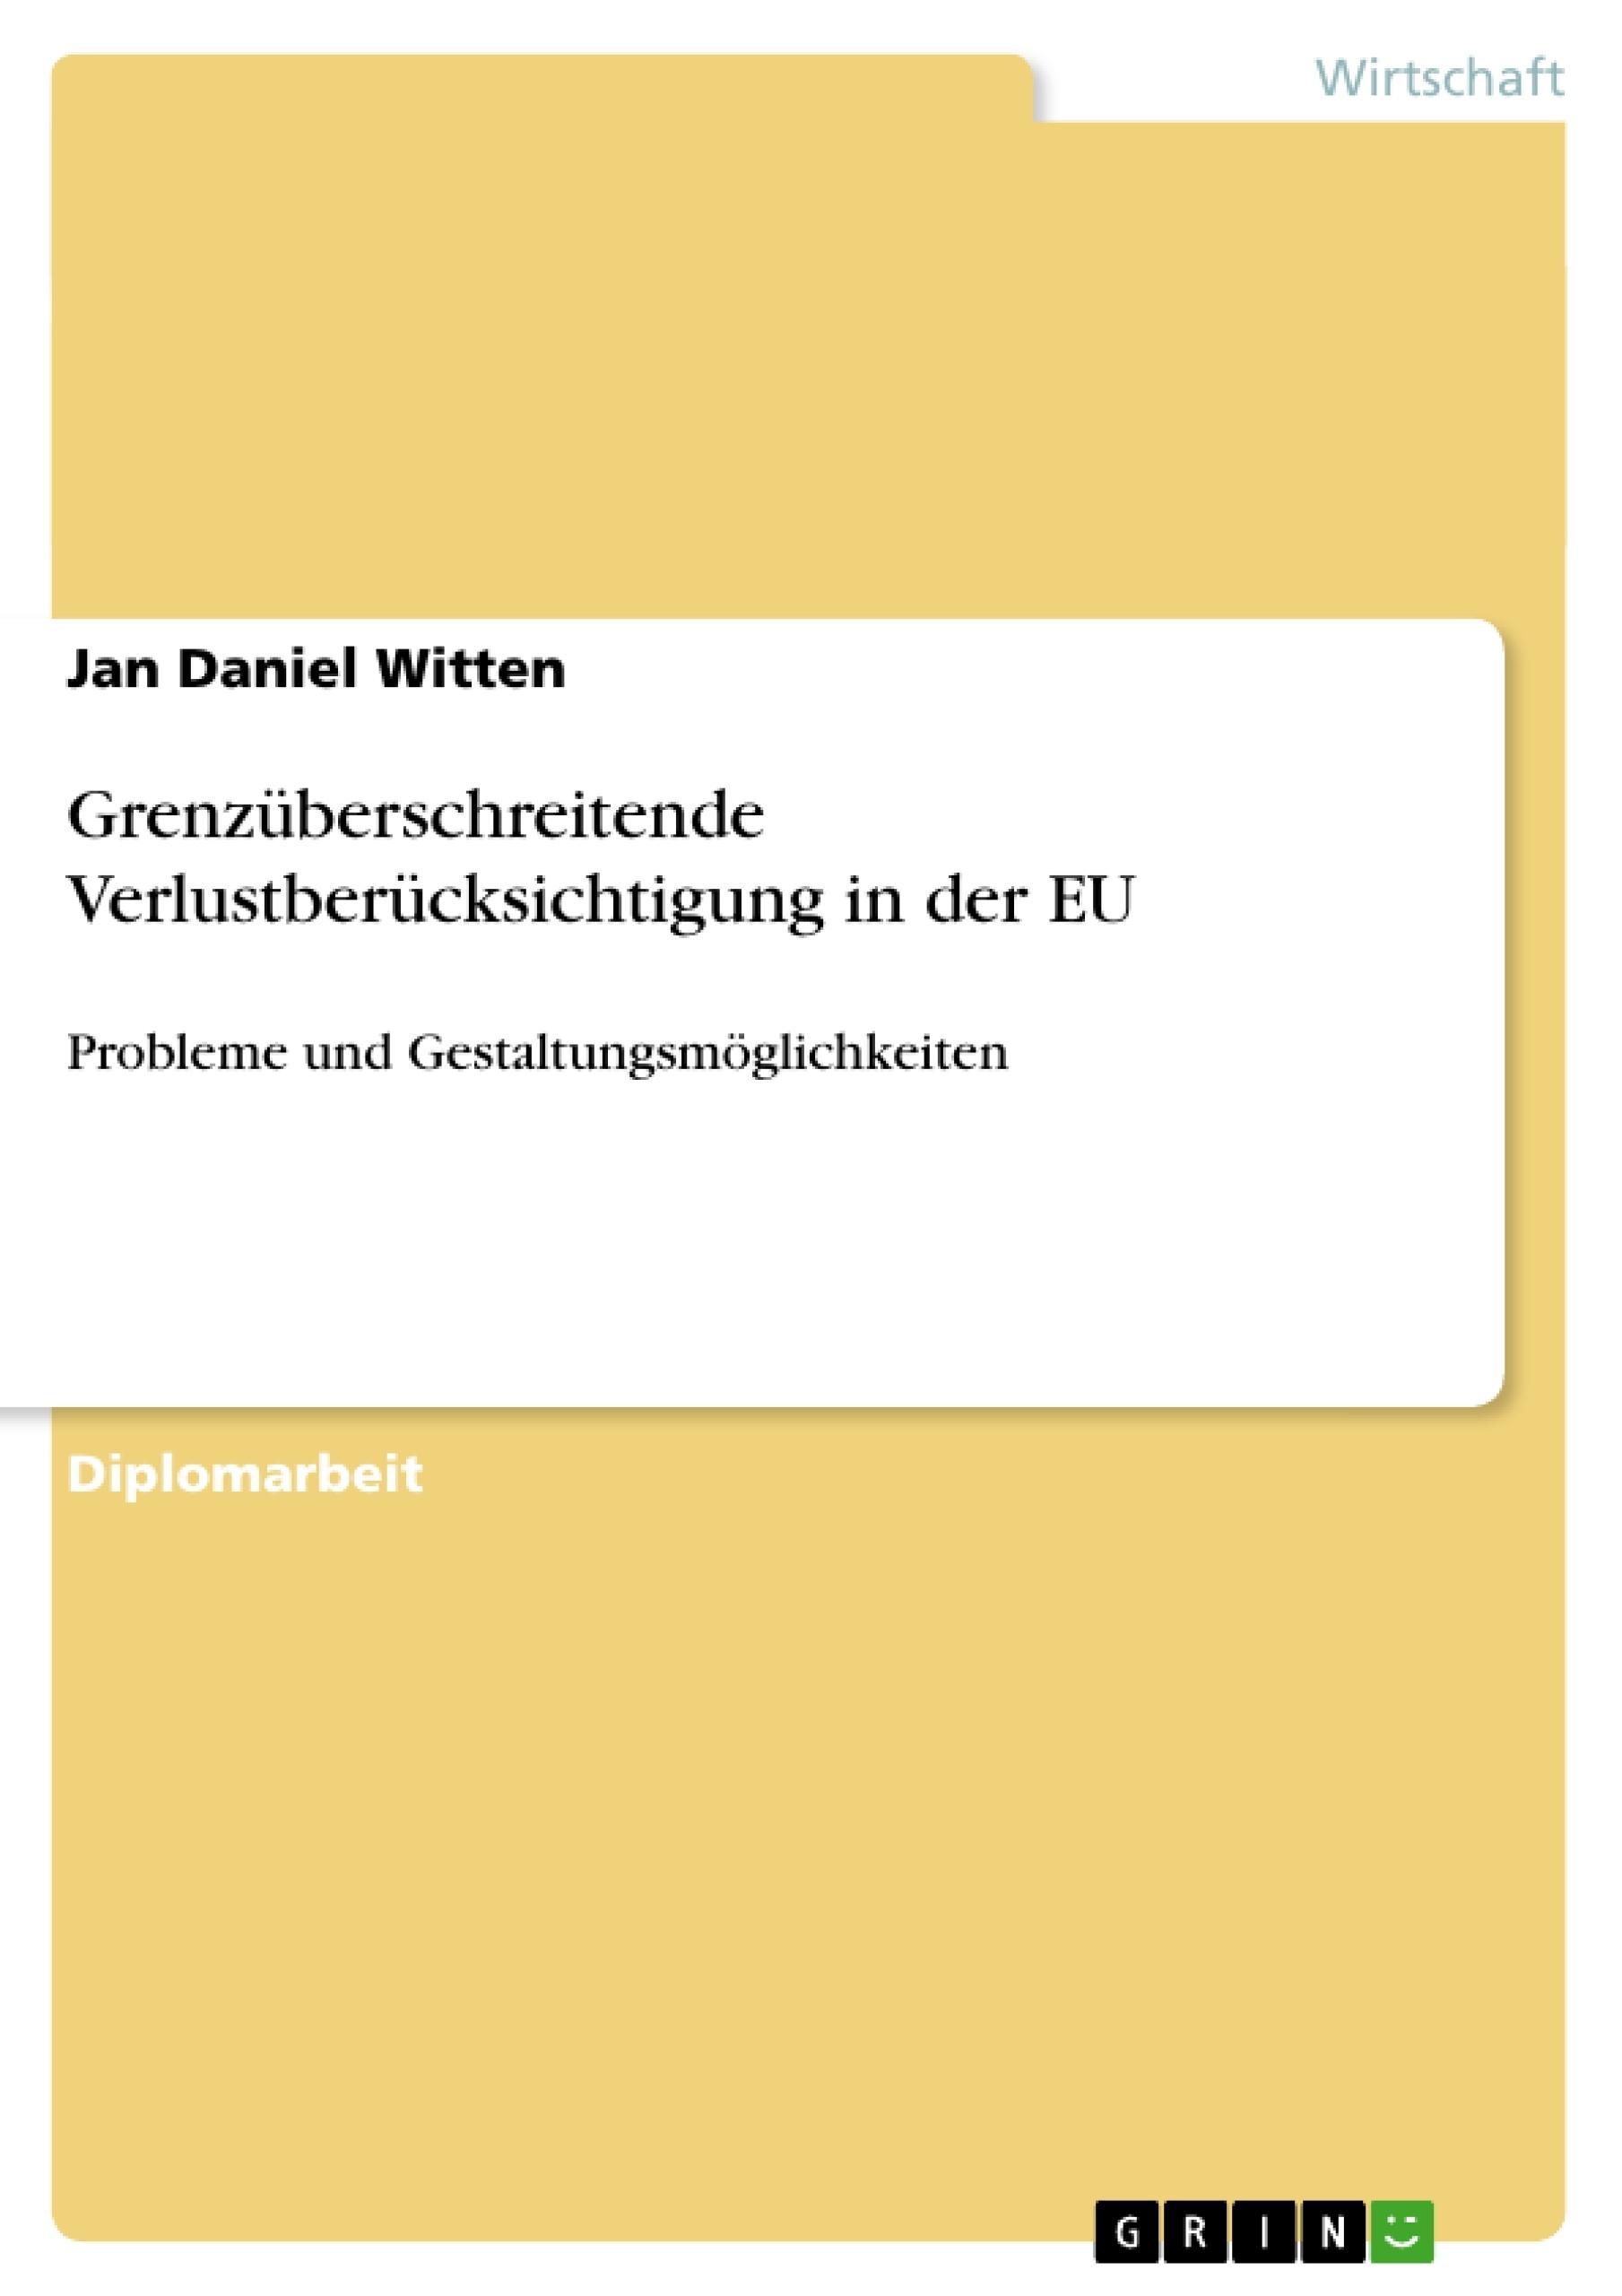 Titel: Grenzüberschreitende Verlustberücksichtigung in der EU